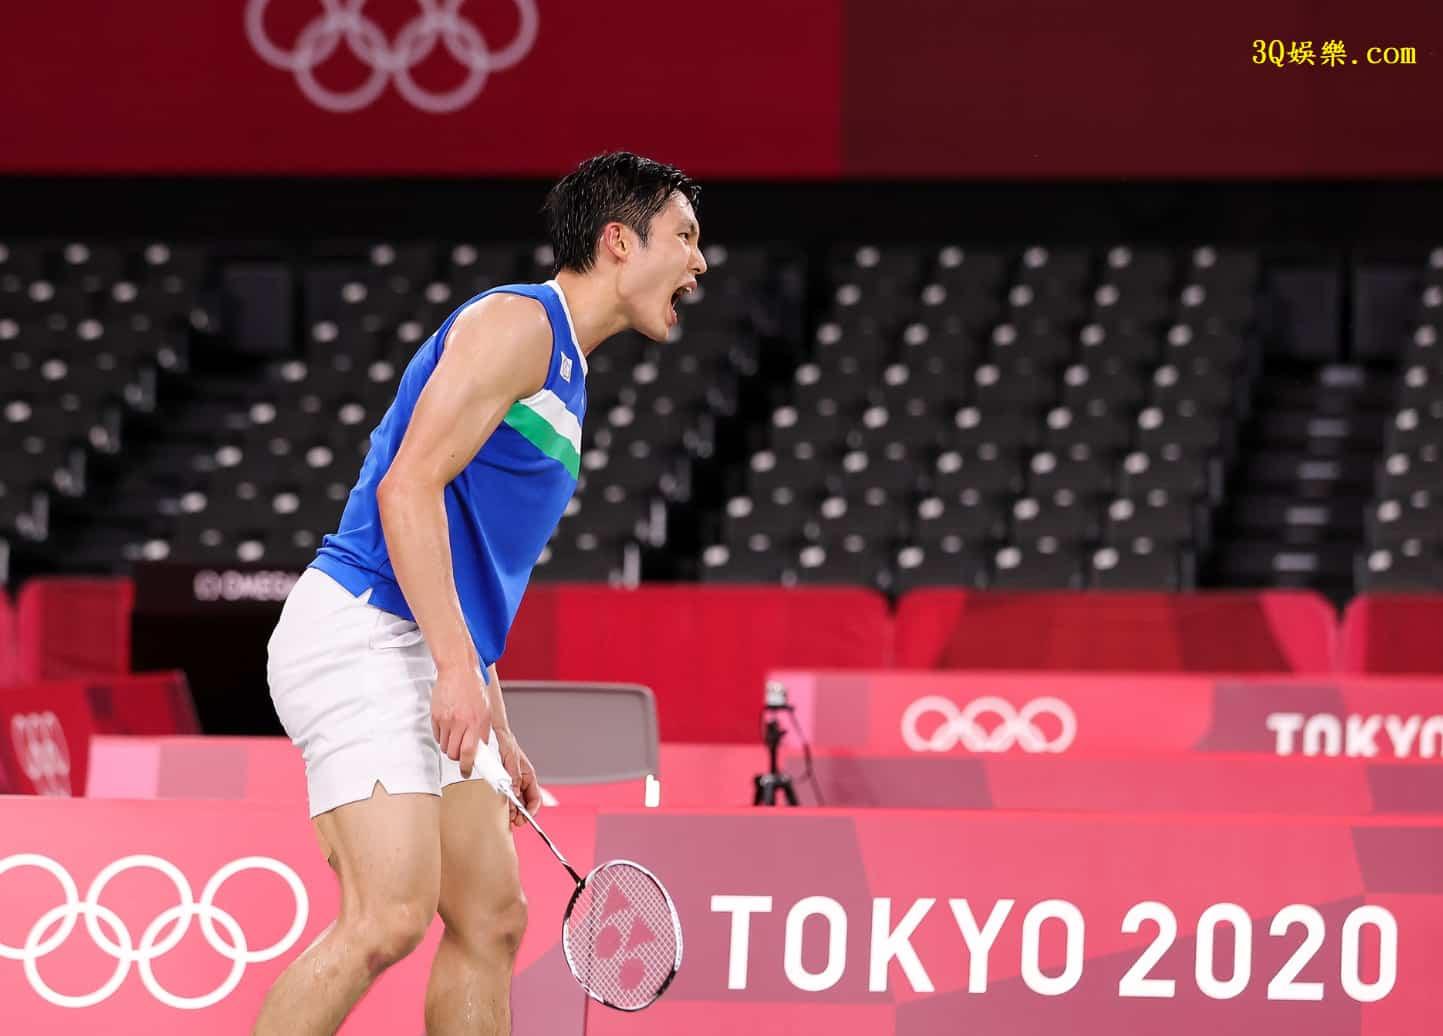 東奧》中華隊羽球周天成提前晉級8強 3局苦戰擊敗加拿大華裔強敵